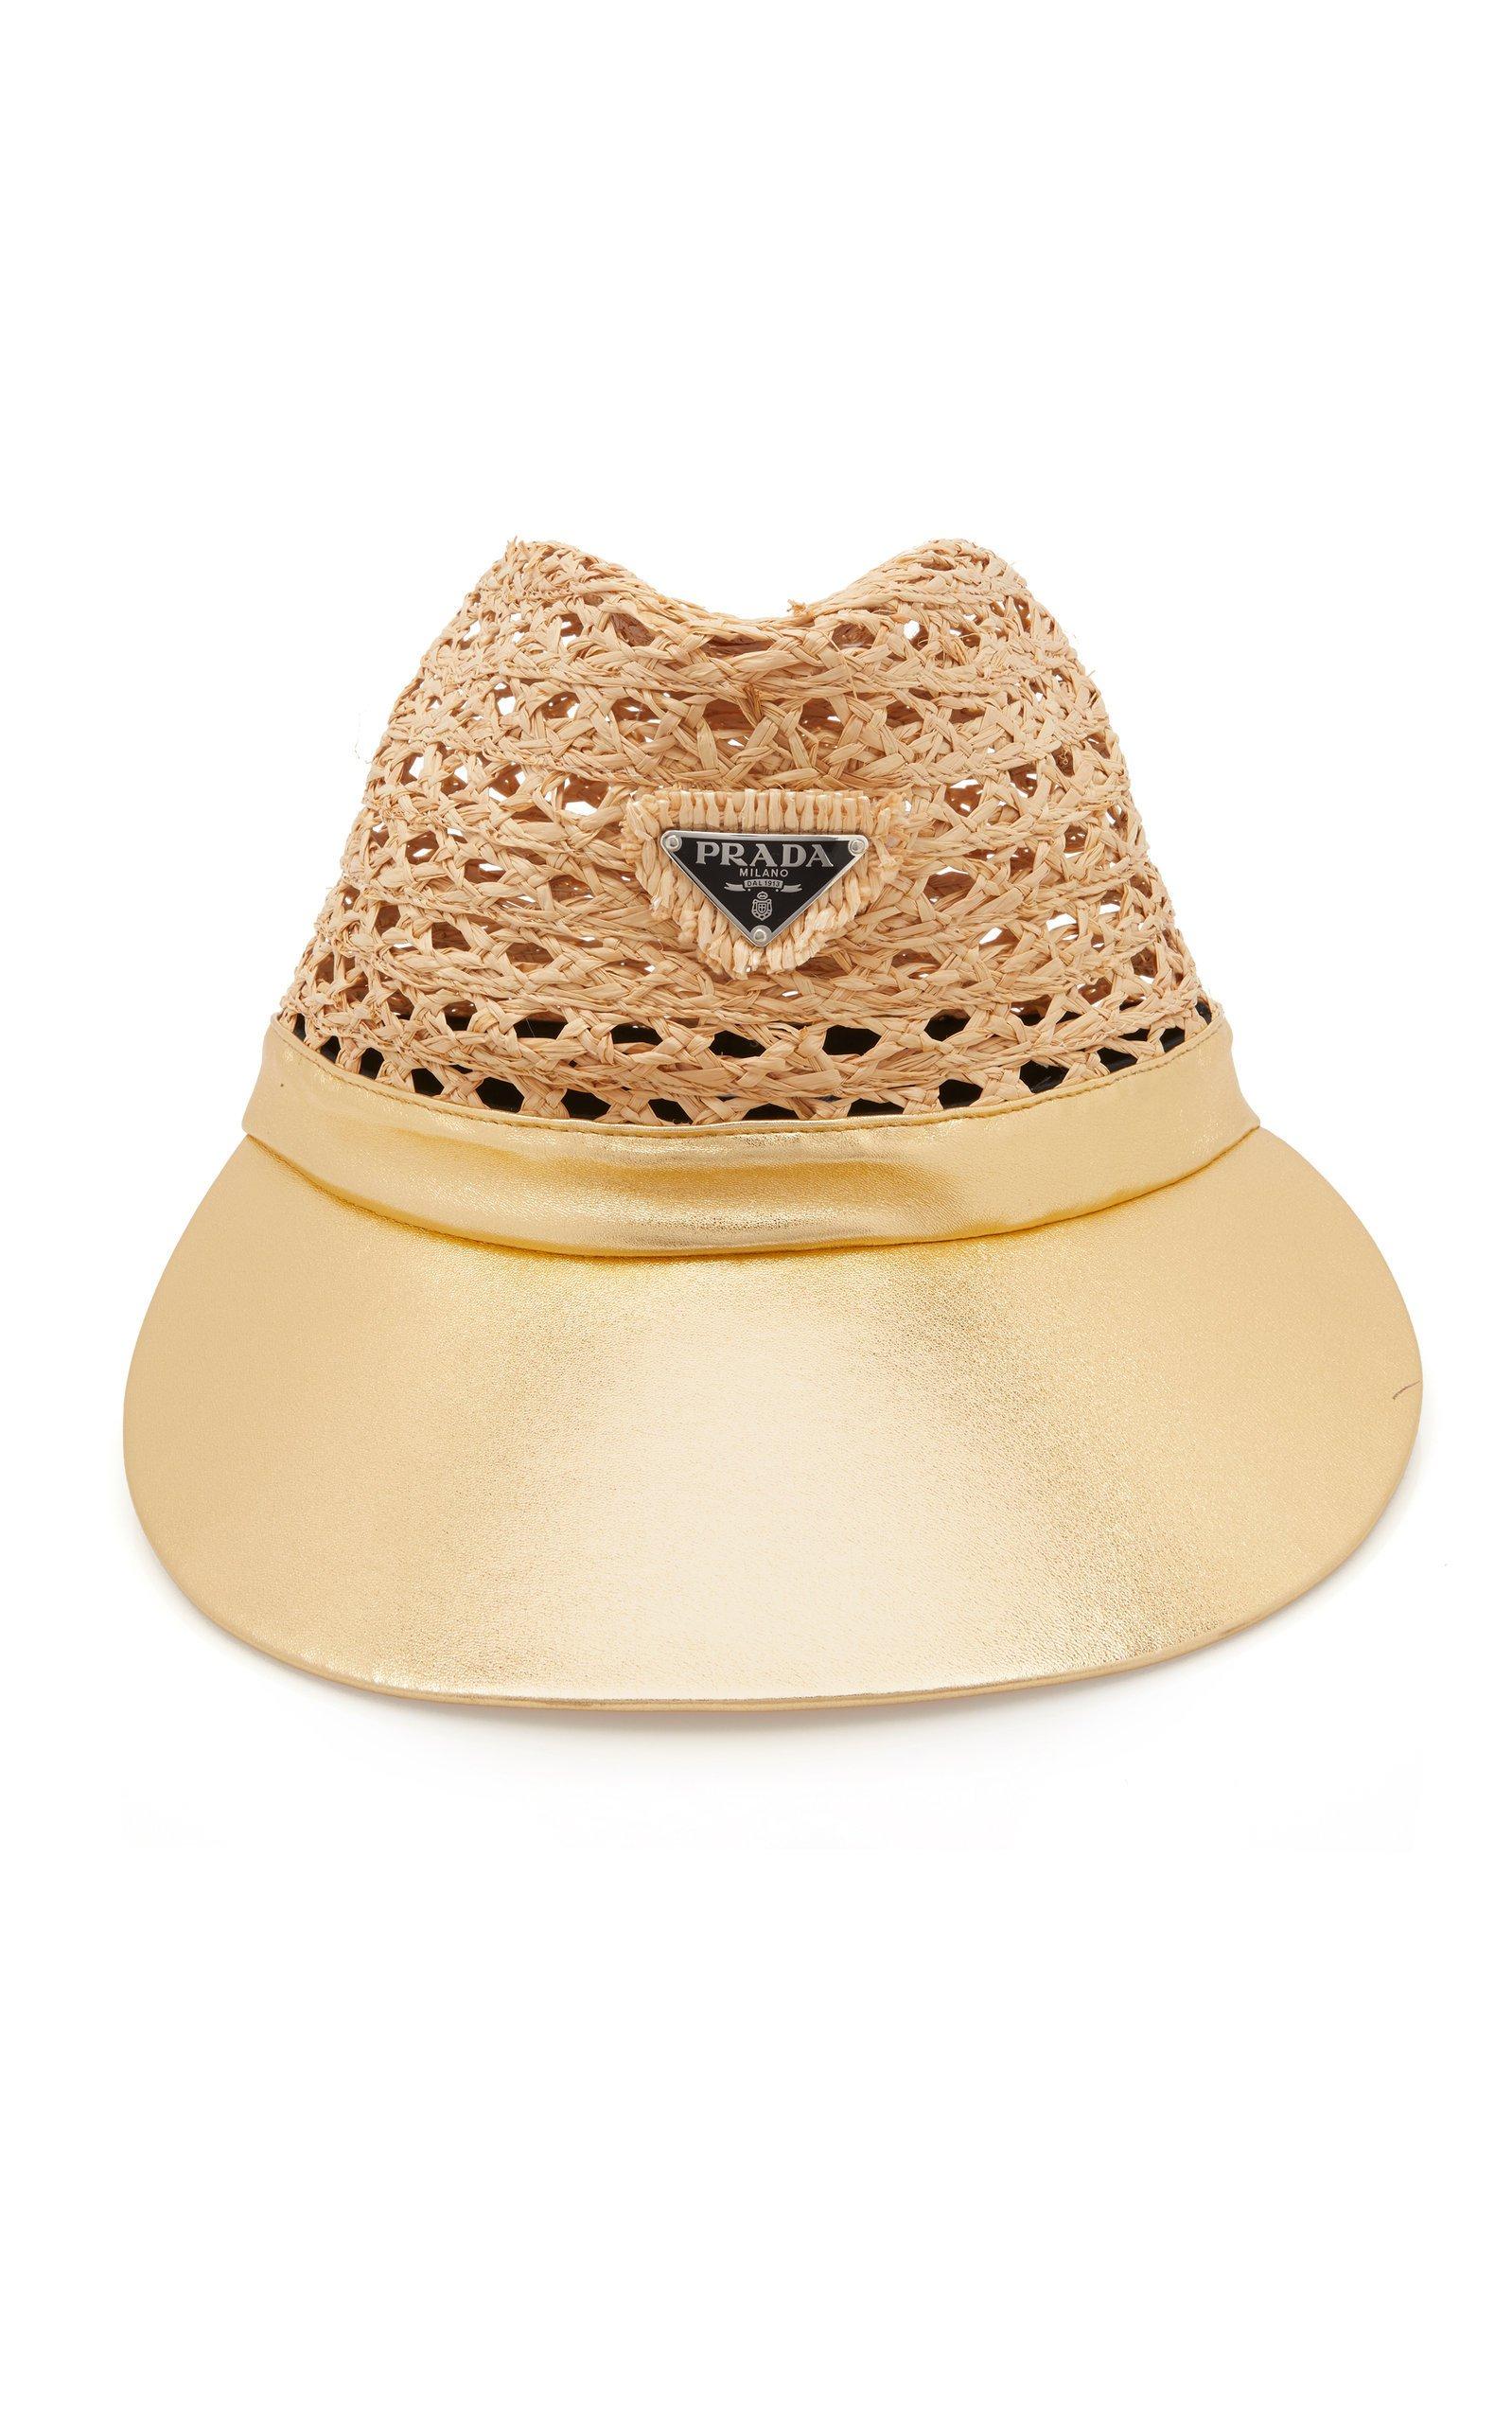 Prada Triangolo Raffia Hat Size: XS